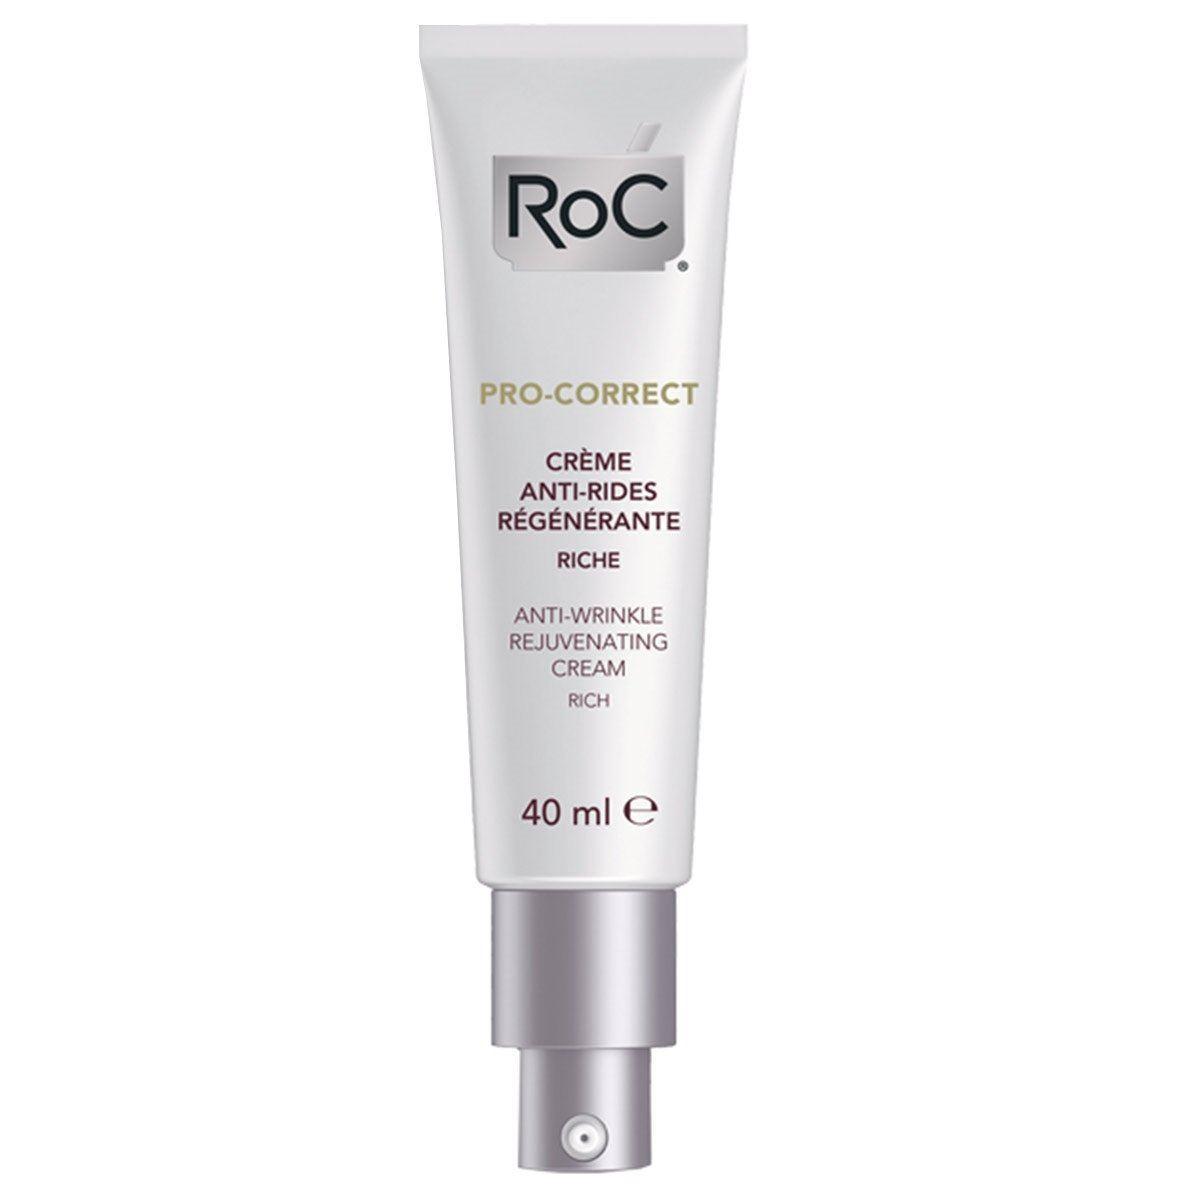 Roc Pro-Correct Anti Wrinkle Kırışık Karşıtı Bakım Kremi 40 ml